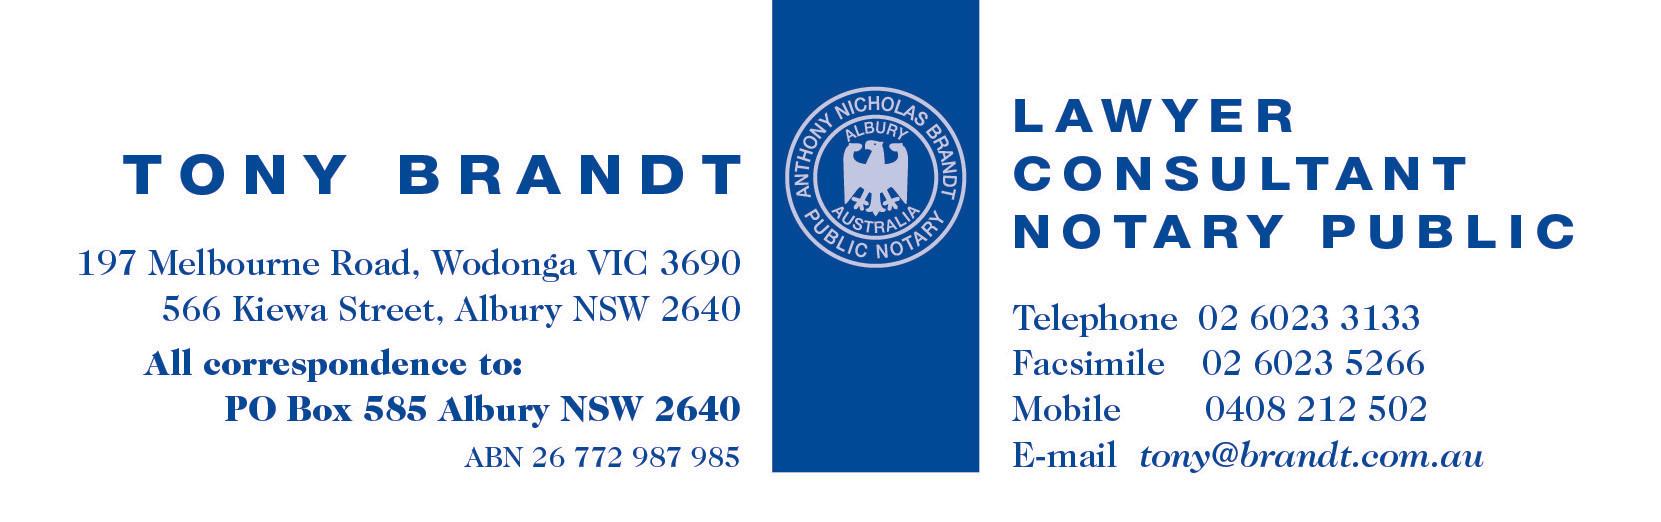 Tony Brandt Lawyer | Albury | Wodonga